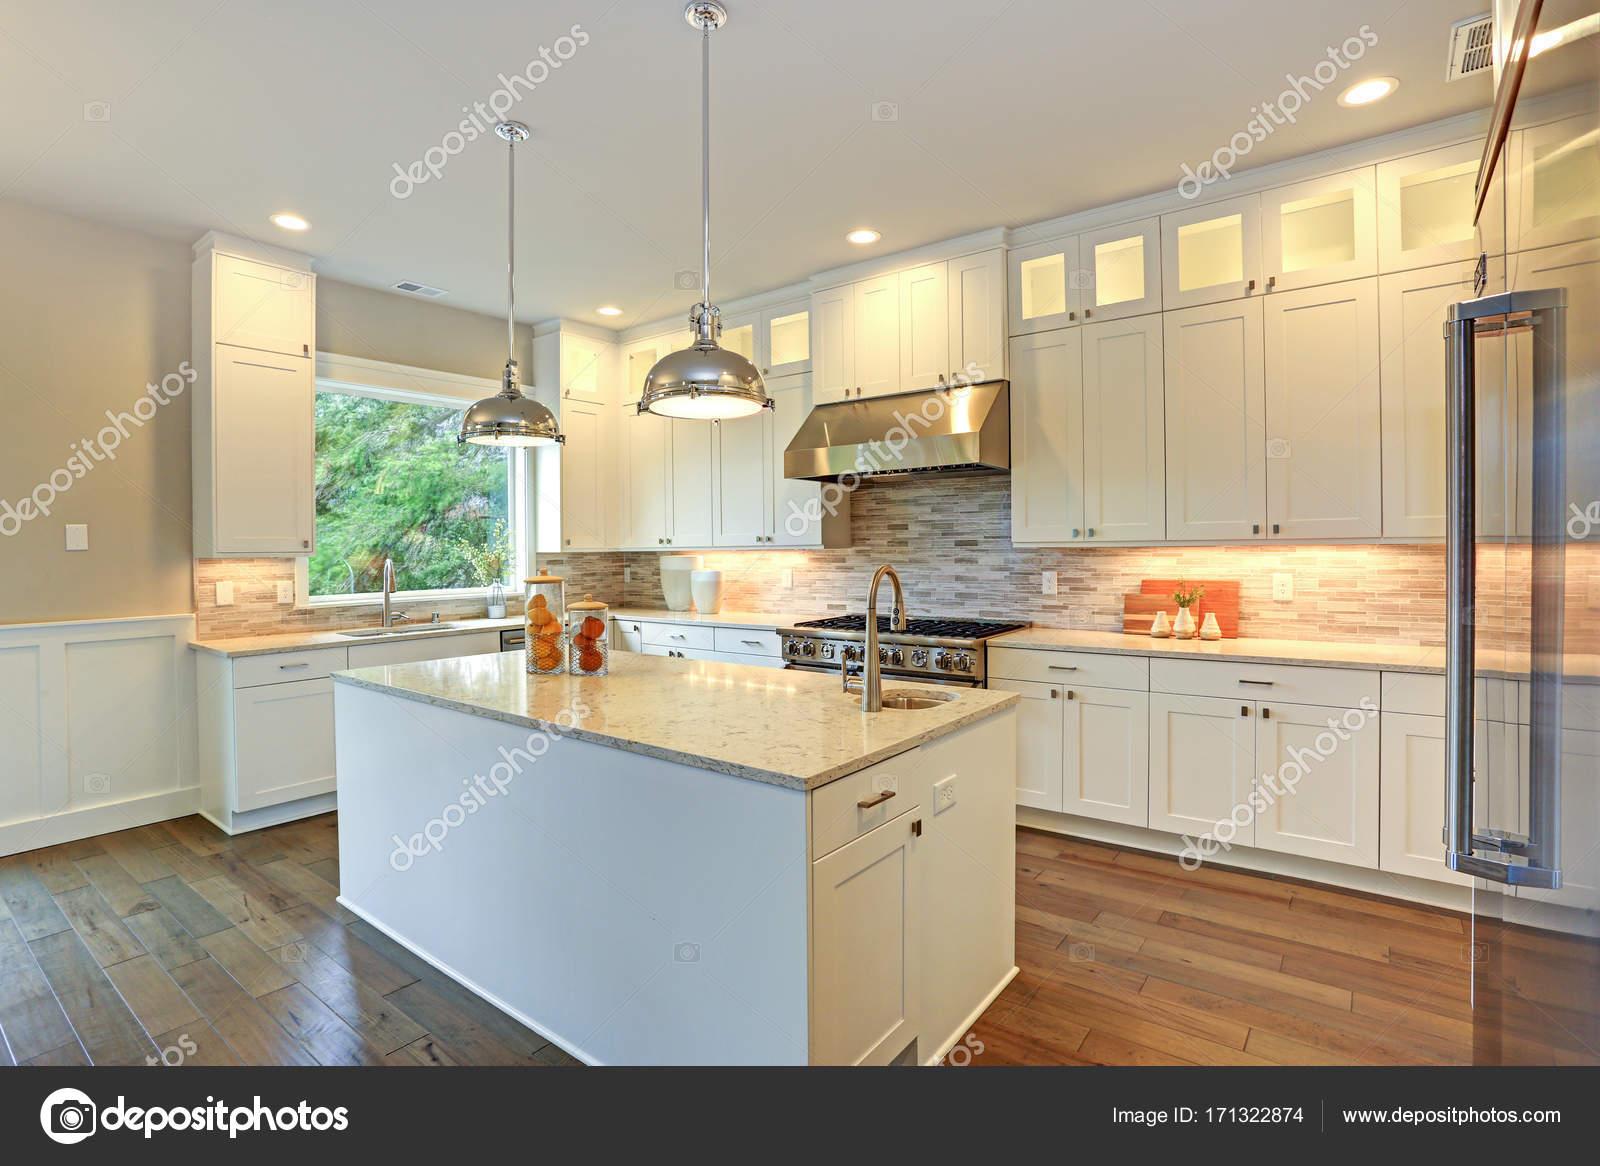 kitchen island counter aid 600 奢华的白色厨房与大厨房岛 图库照片 c alabn 171322874